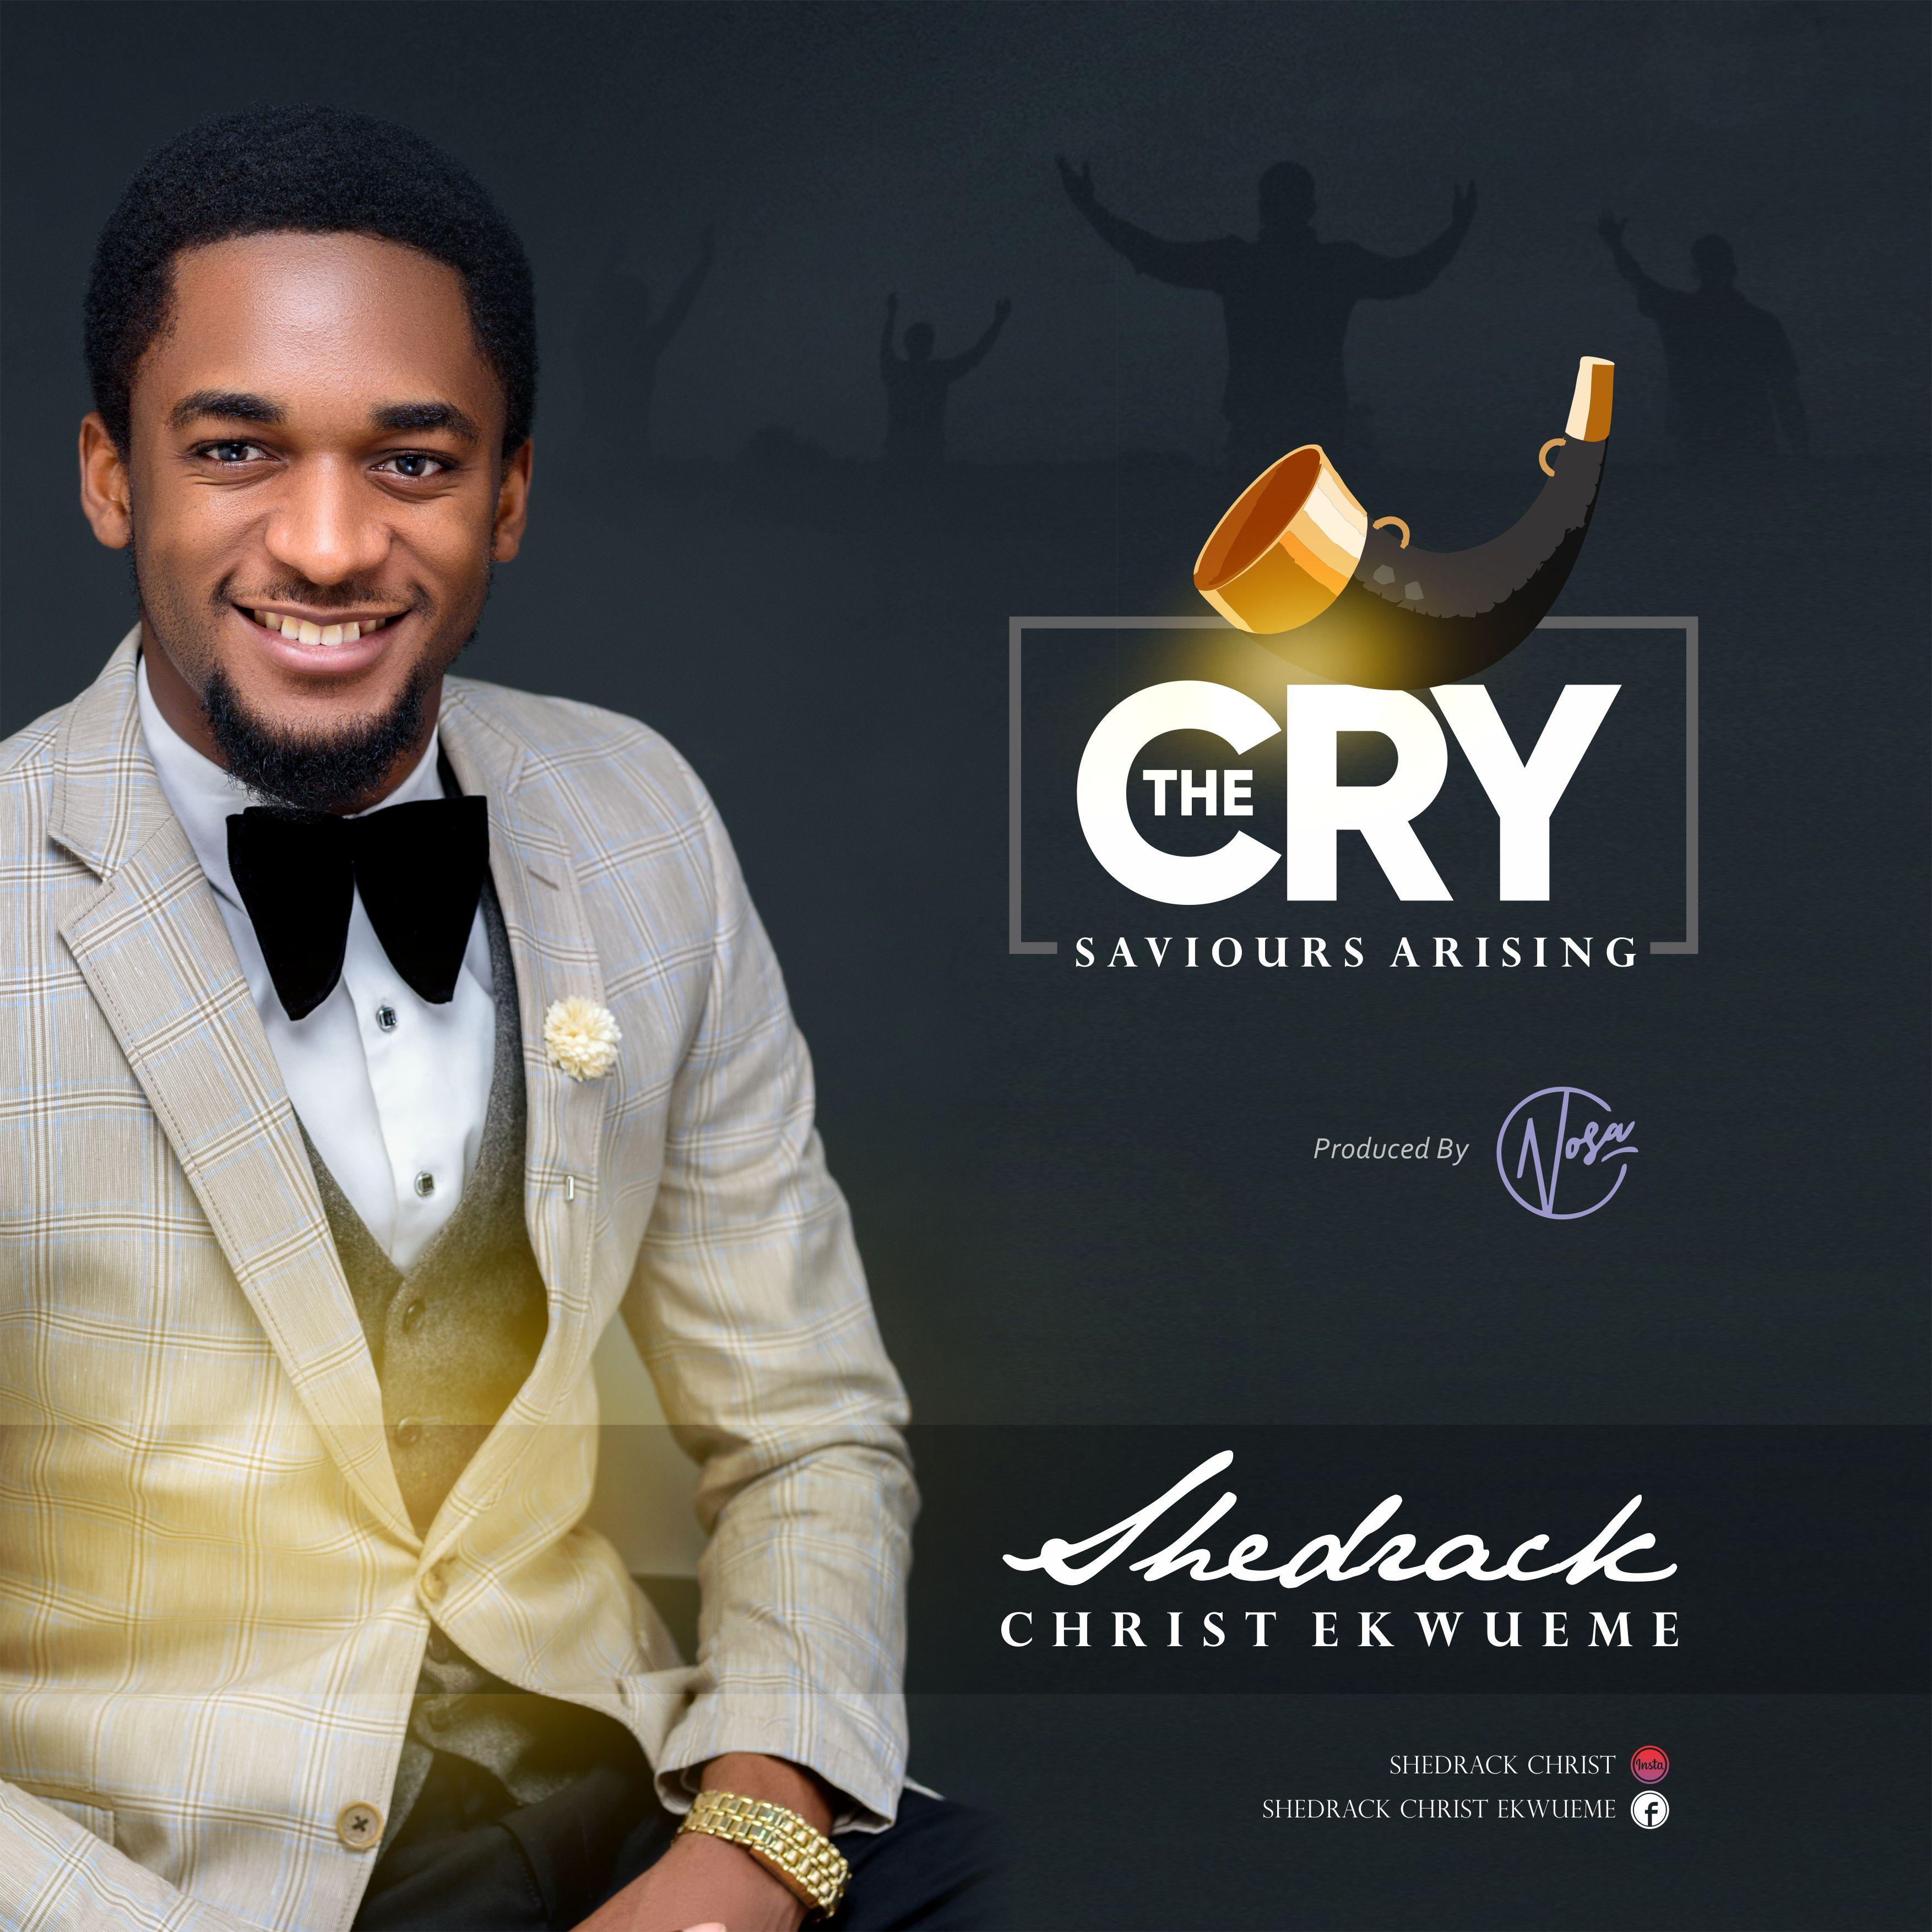 Shedrack Christ Ekwueme The Cry